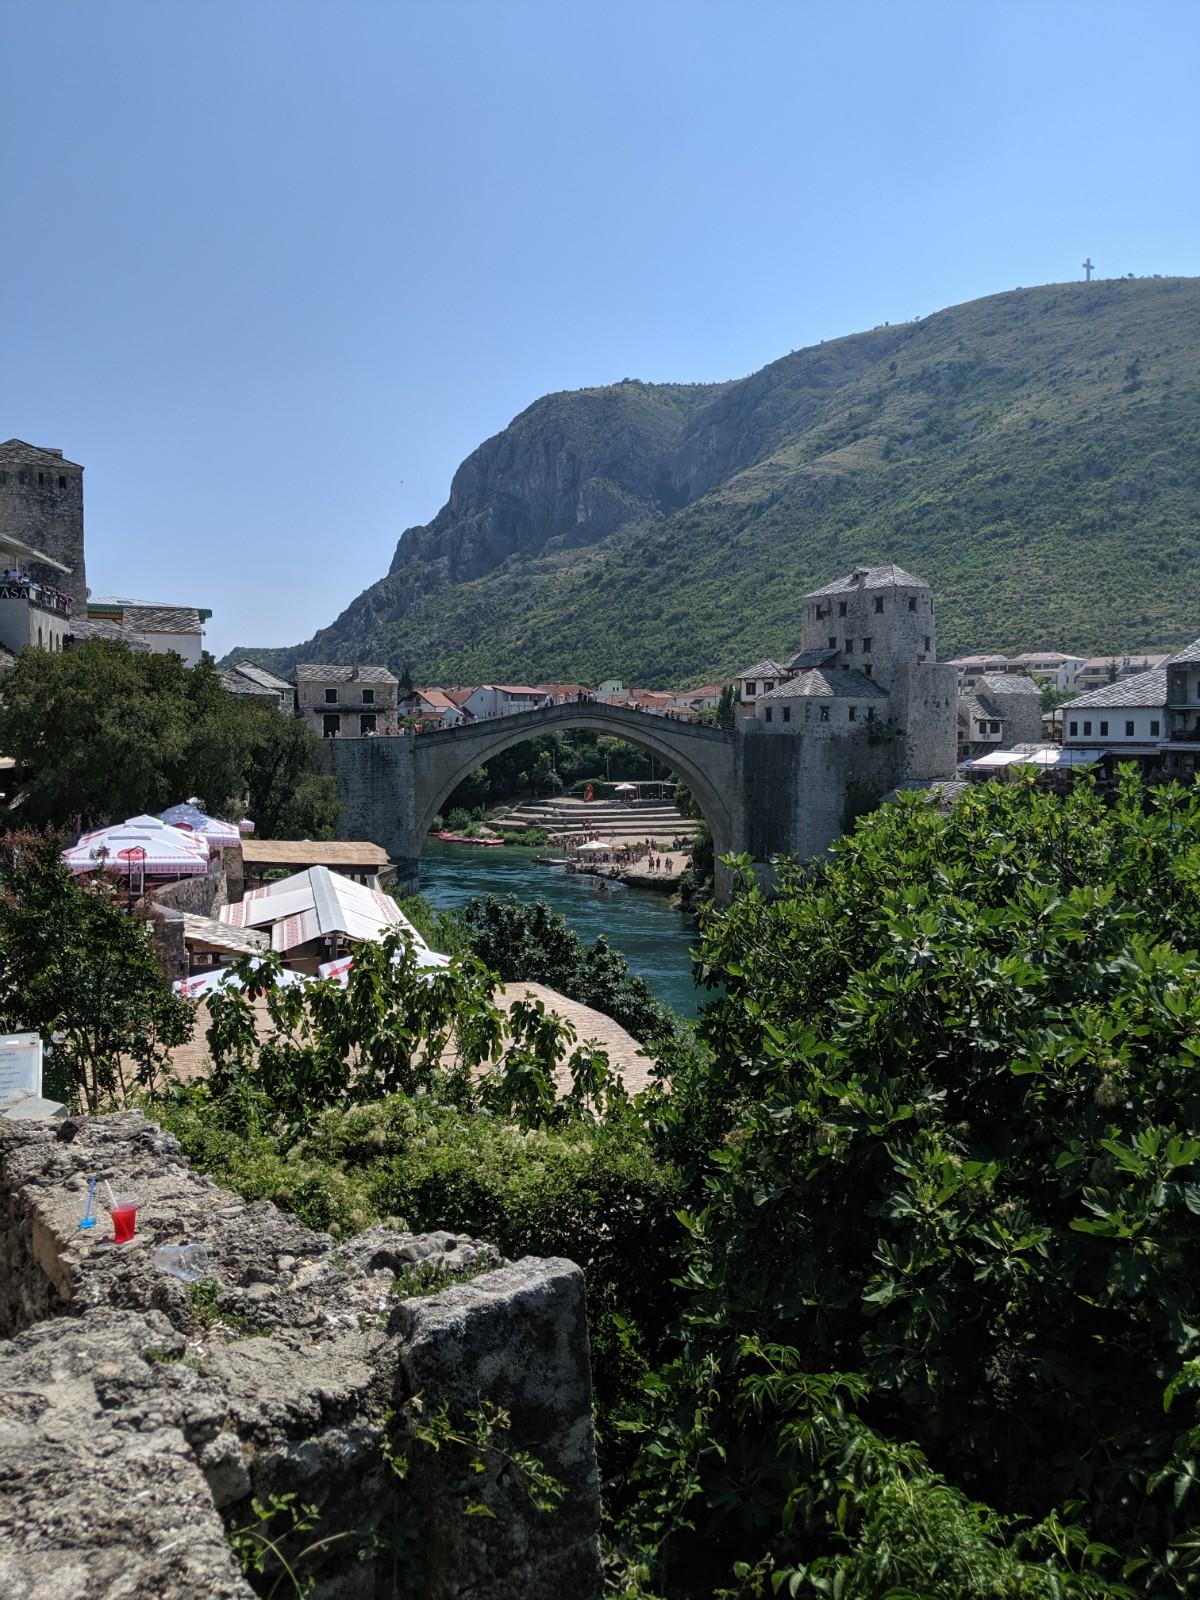 Mostar Day Trip